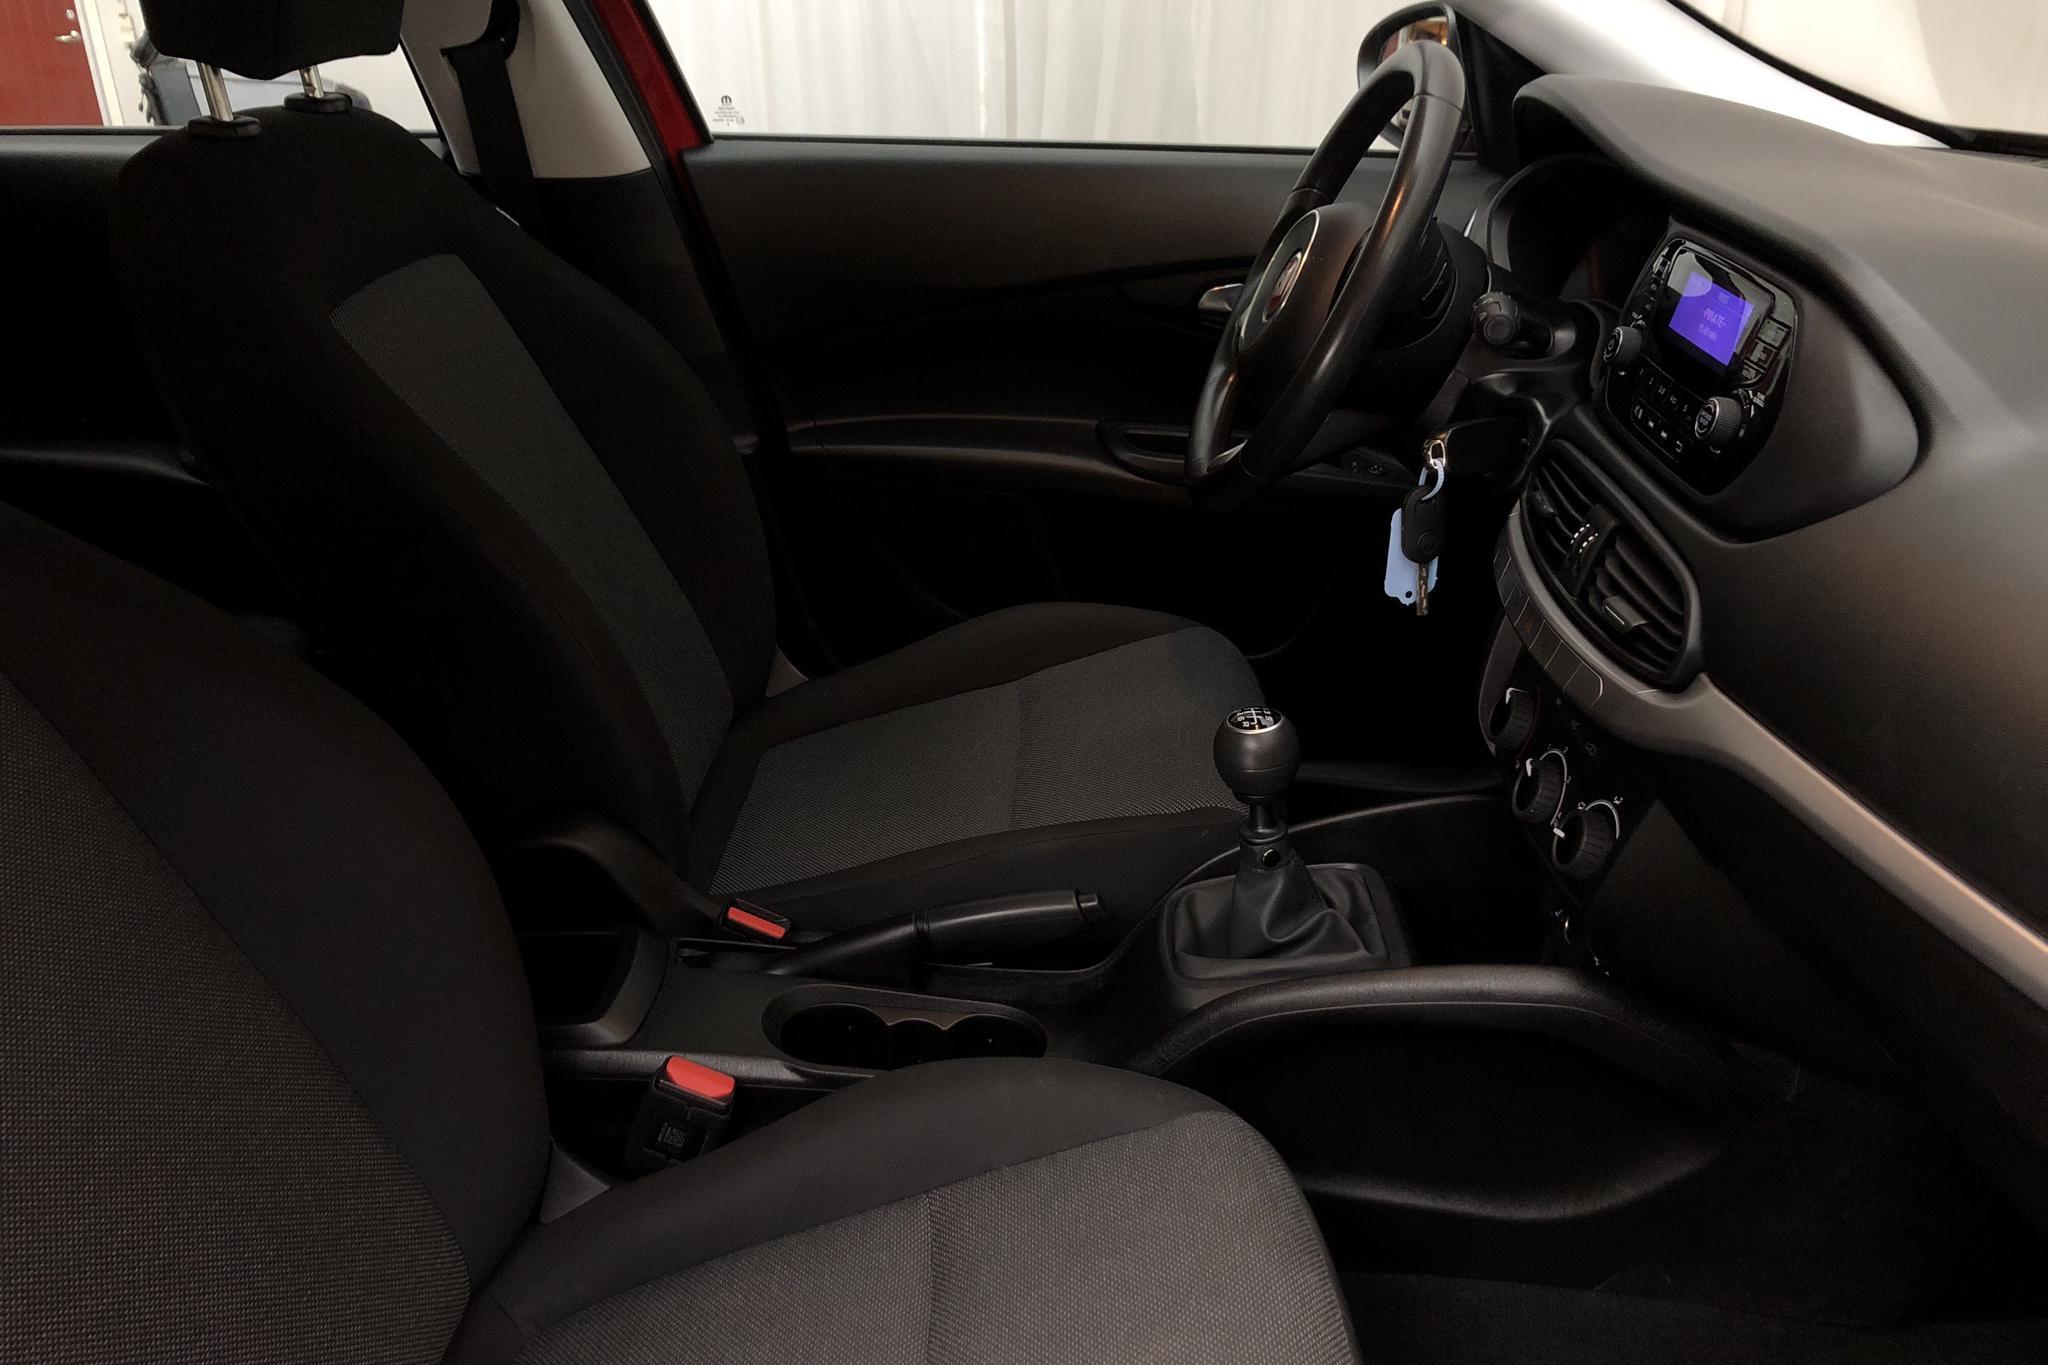 Fiat Tipo 1.4 Kombi (95hk) - 4 912 mil - Manuell - röd - 2019